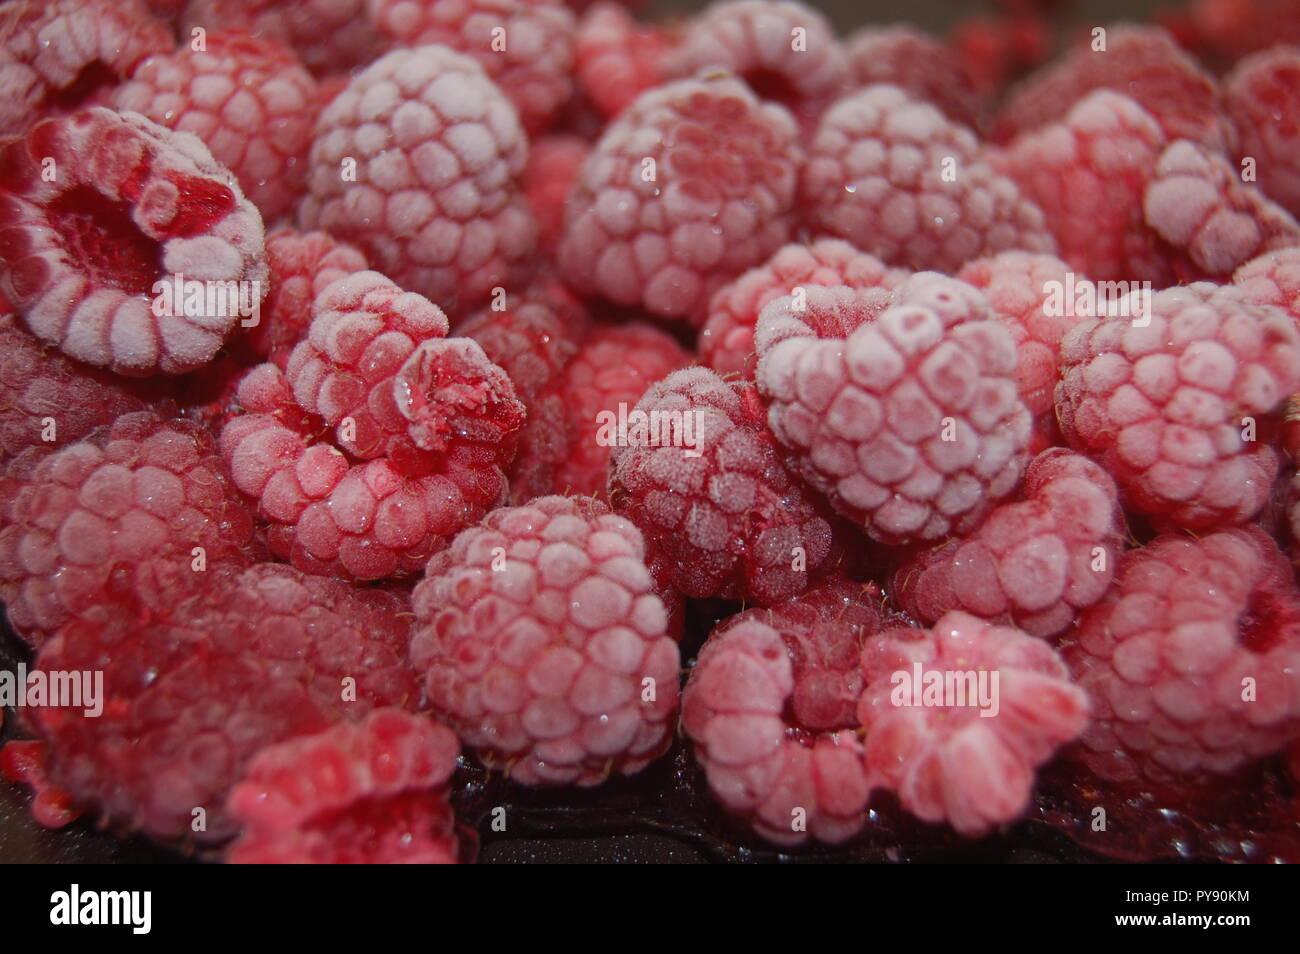 Frozen fruit Raspberries - Stock Image